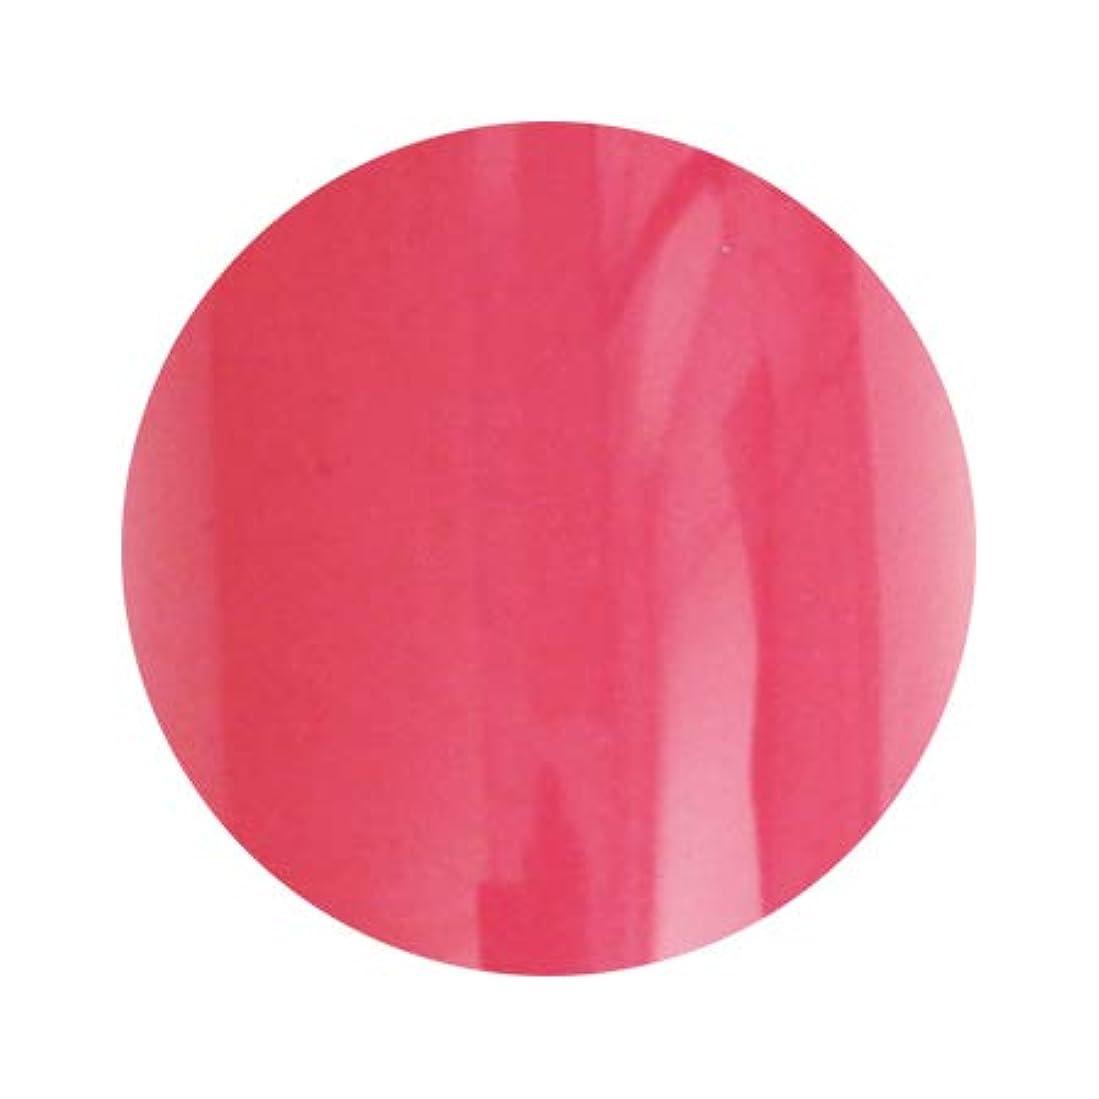 感情の本物の落花生LUCU GEL ルクジェル カラー REM06 コーラルレッド 3.5g